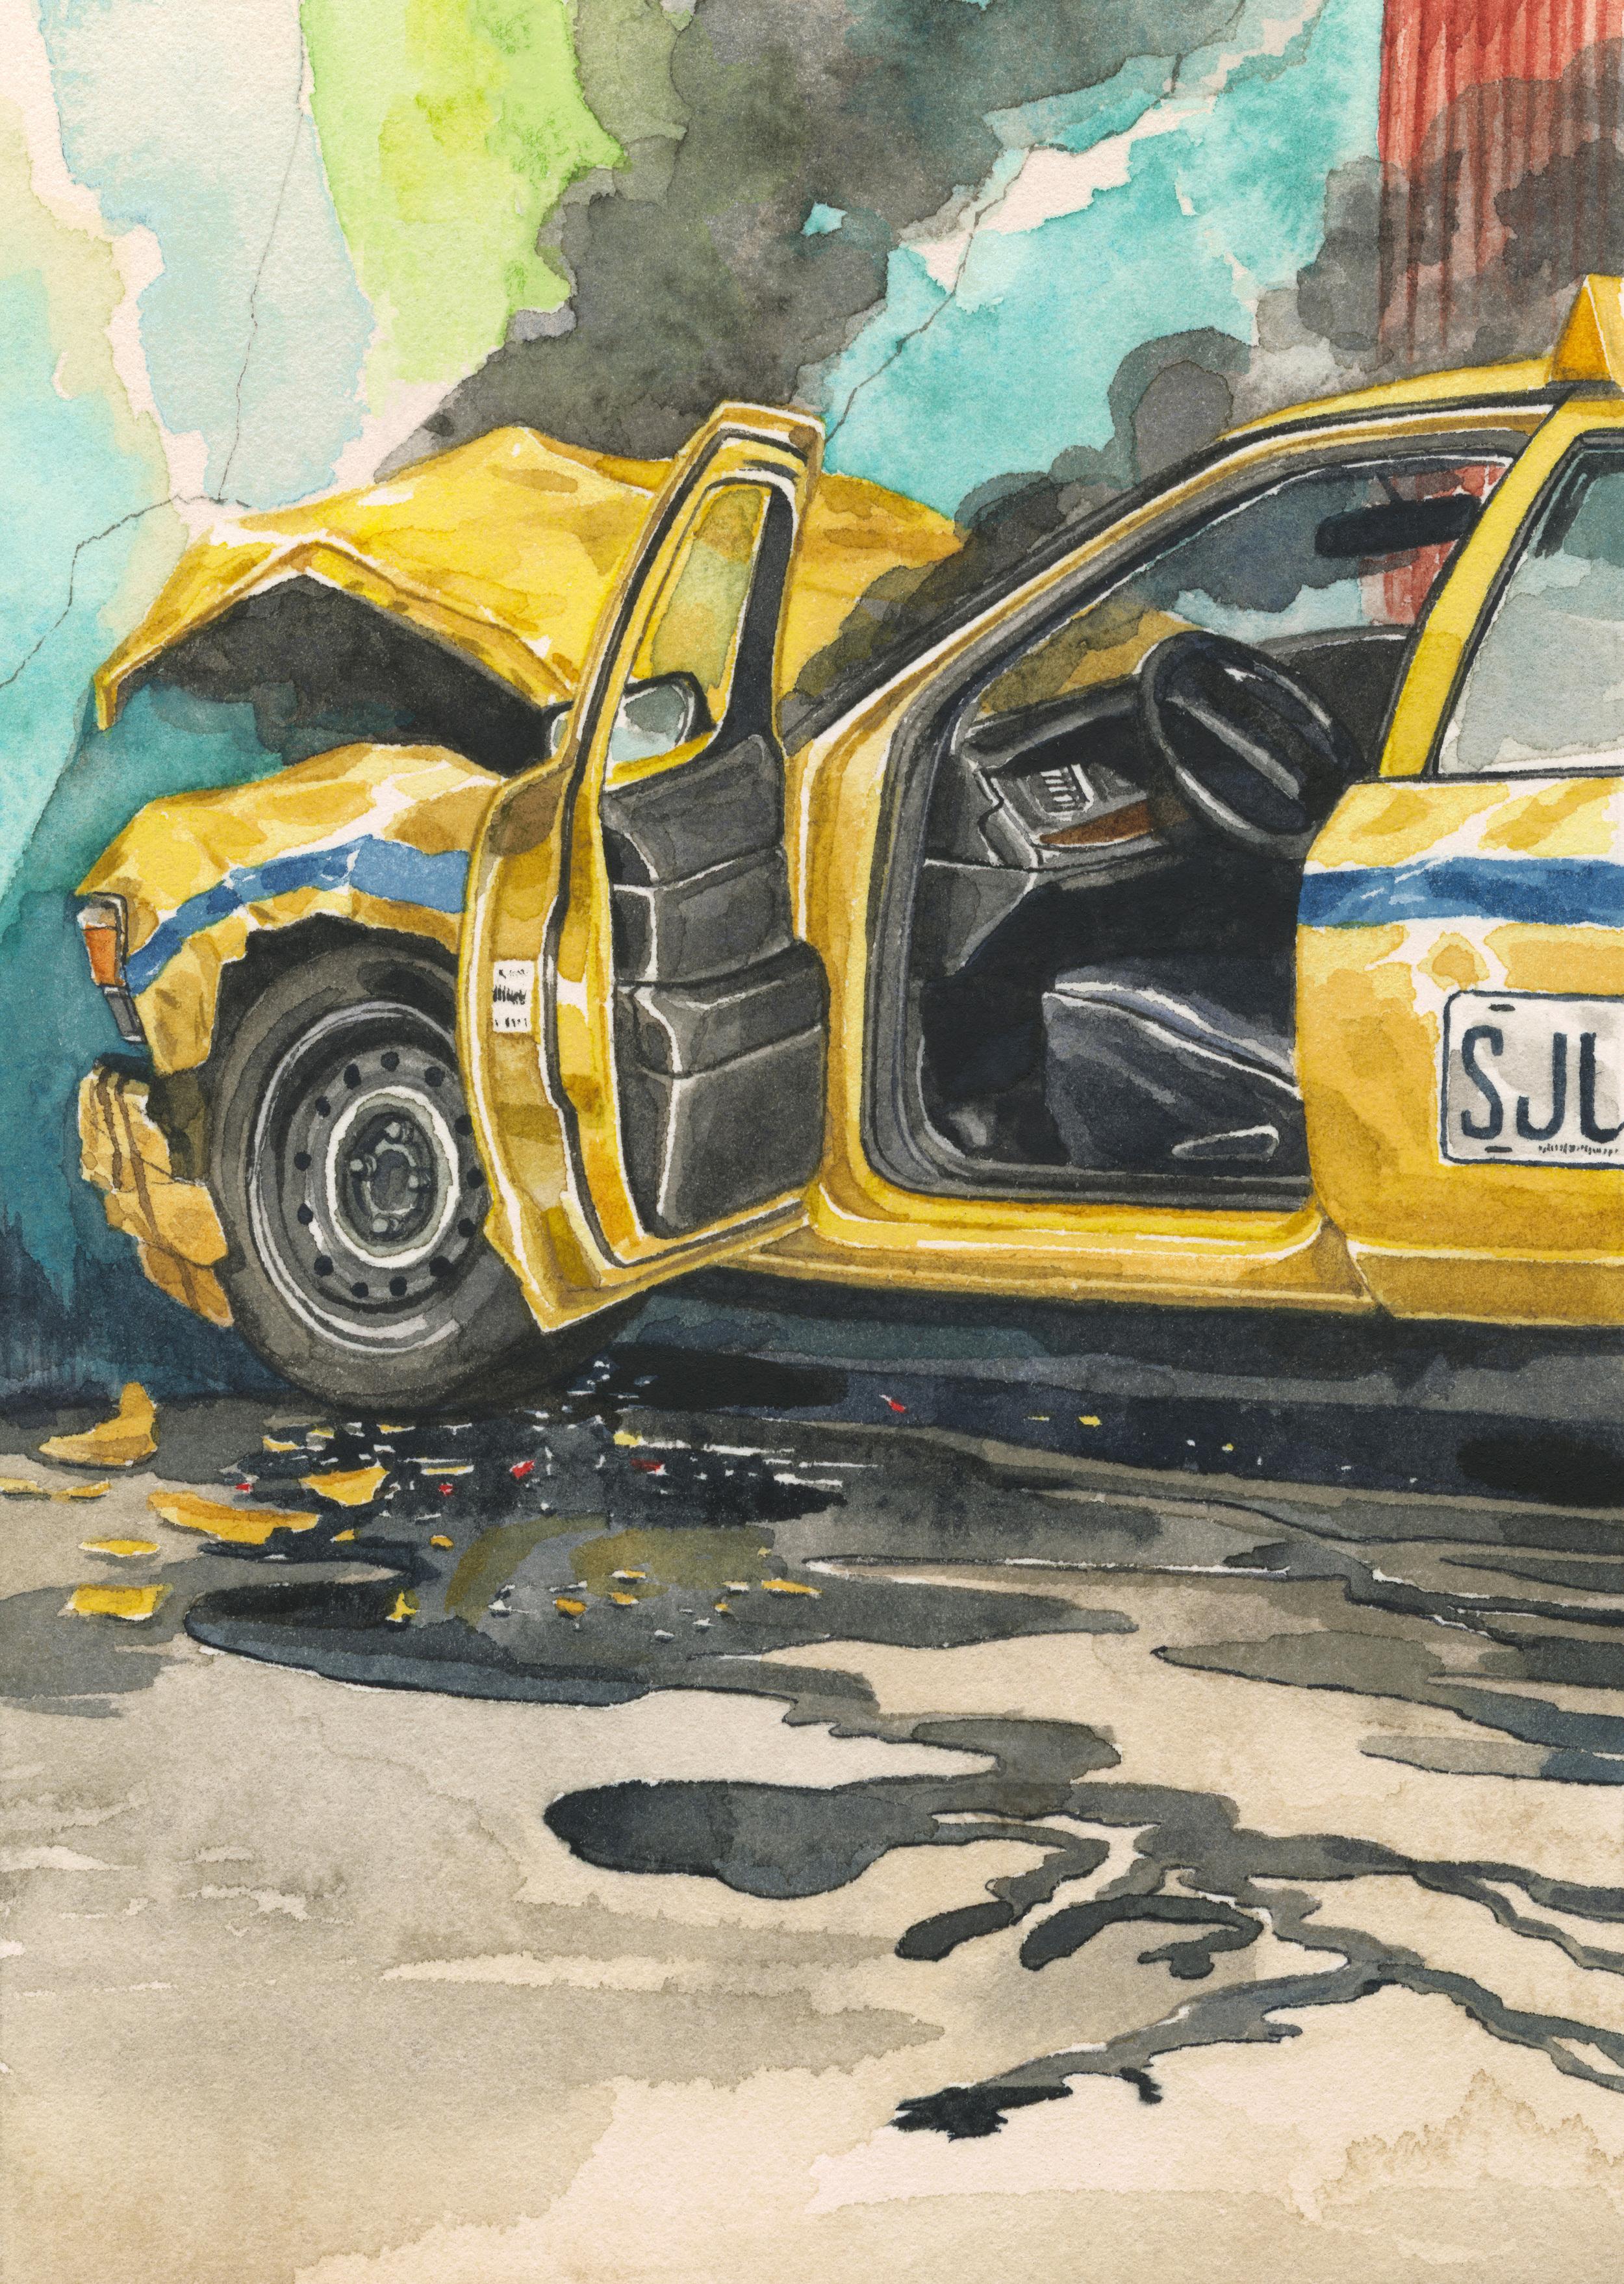 rio-taxi2-web.jpg